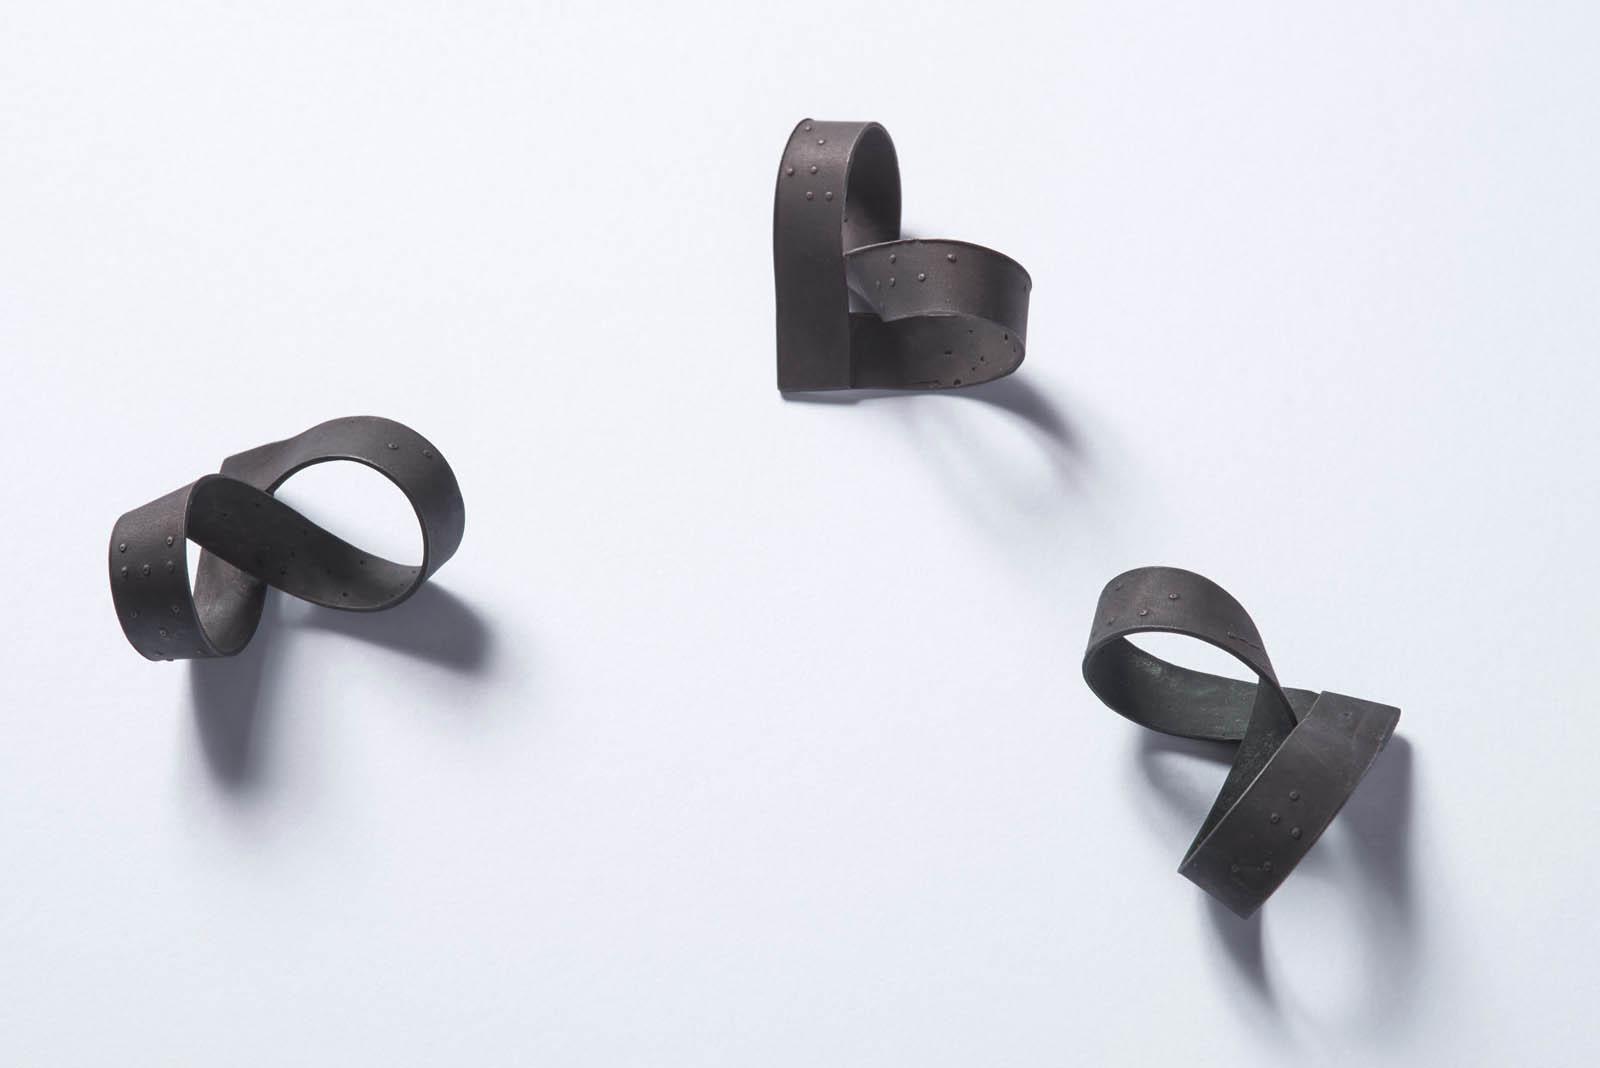 LOVE MAKES BLIND